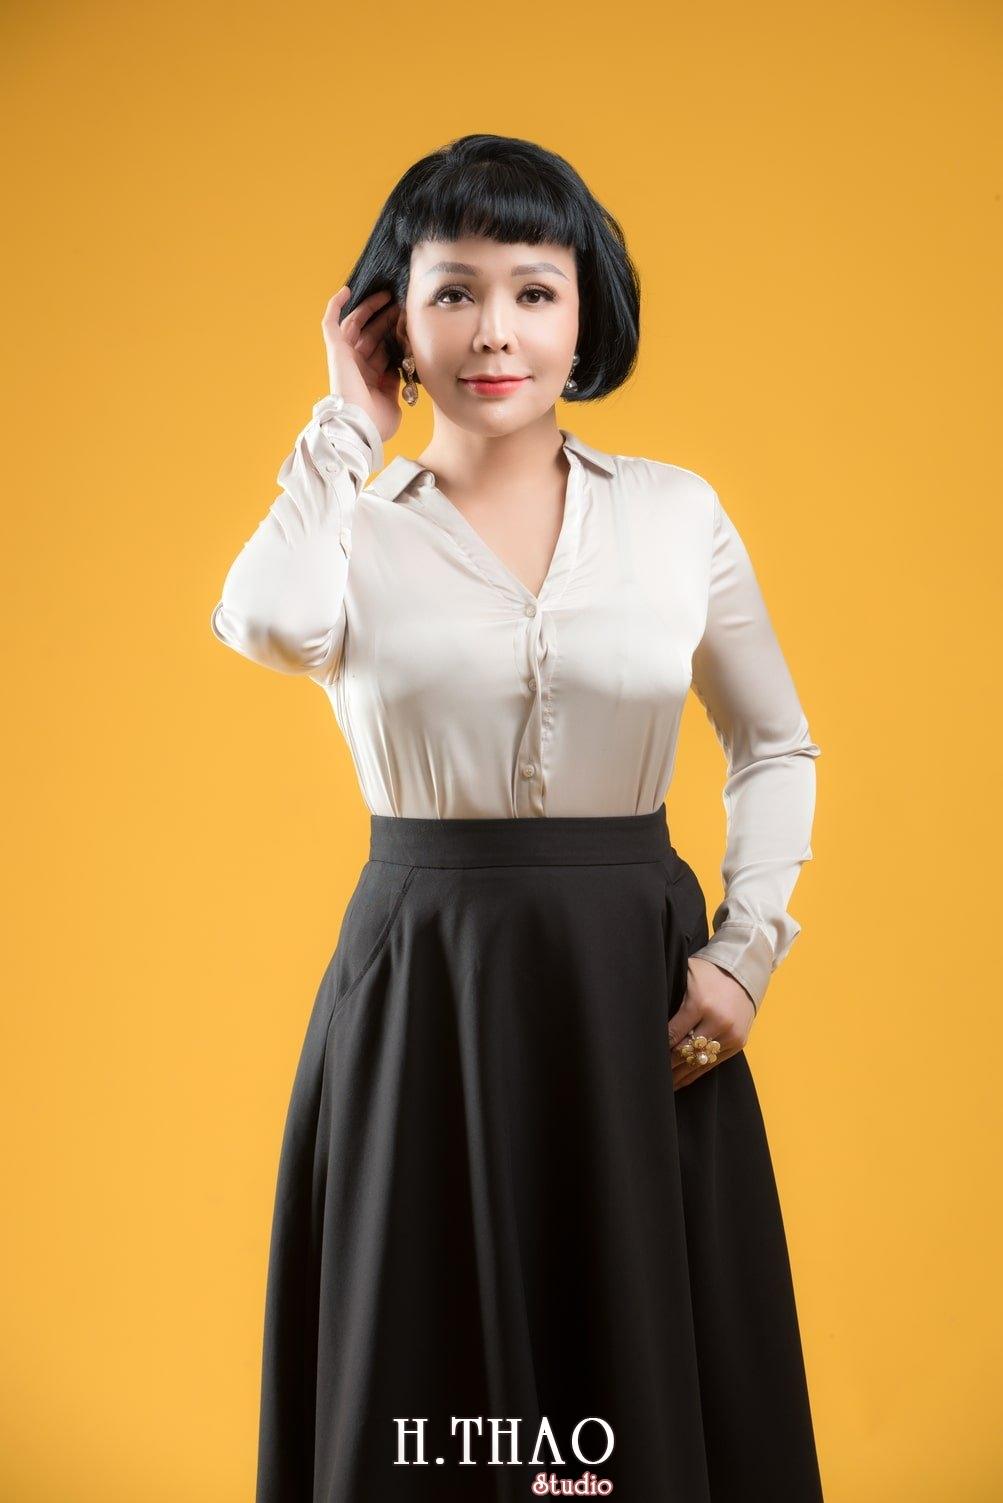 Doanh nhan dao tao 20 - Album nữ doanh nhân ngành đào tạo giải pháp Hoàng Dung